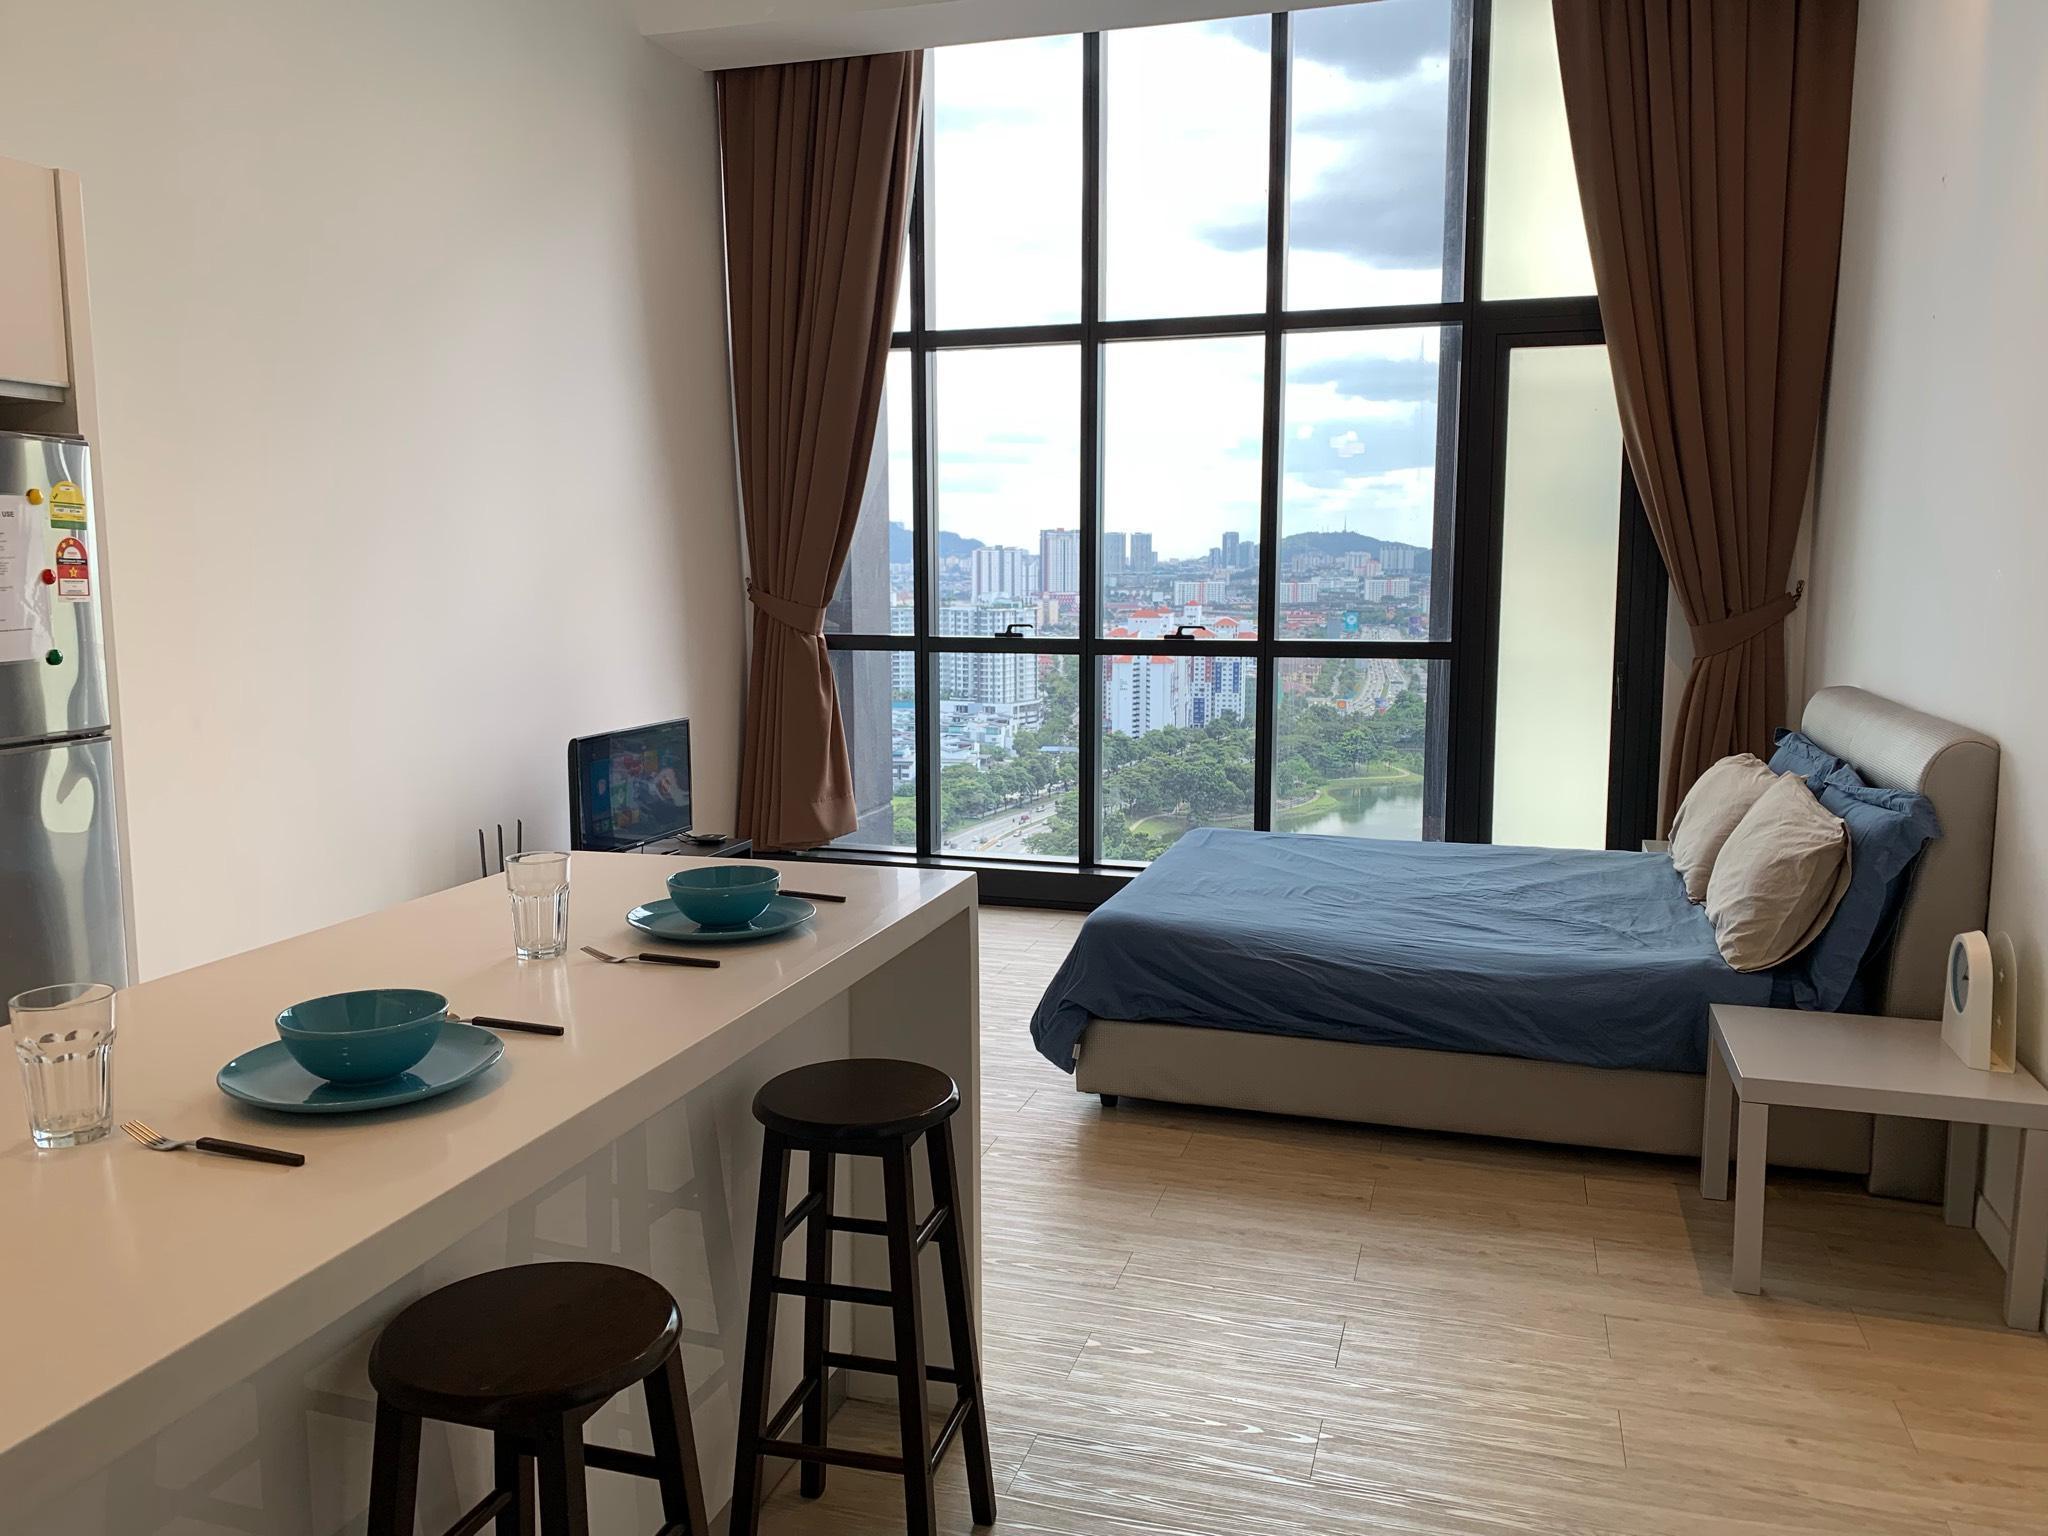 Studio Apartment 1 @ M City Residential Suites